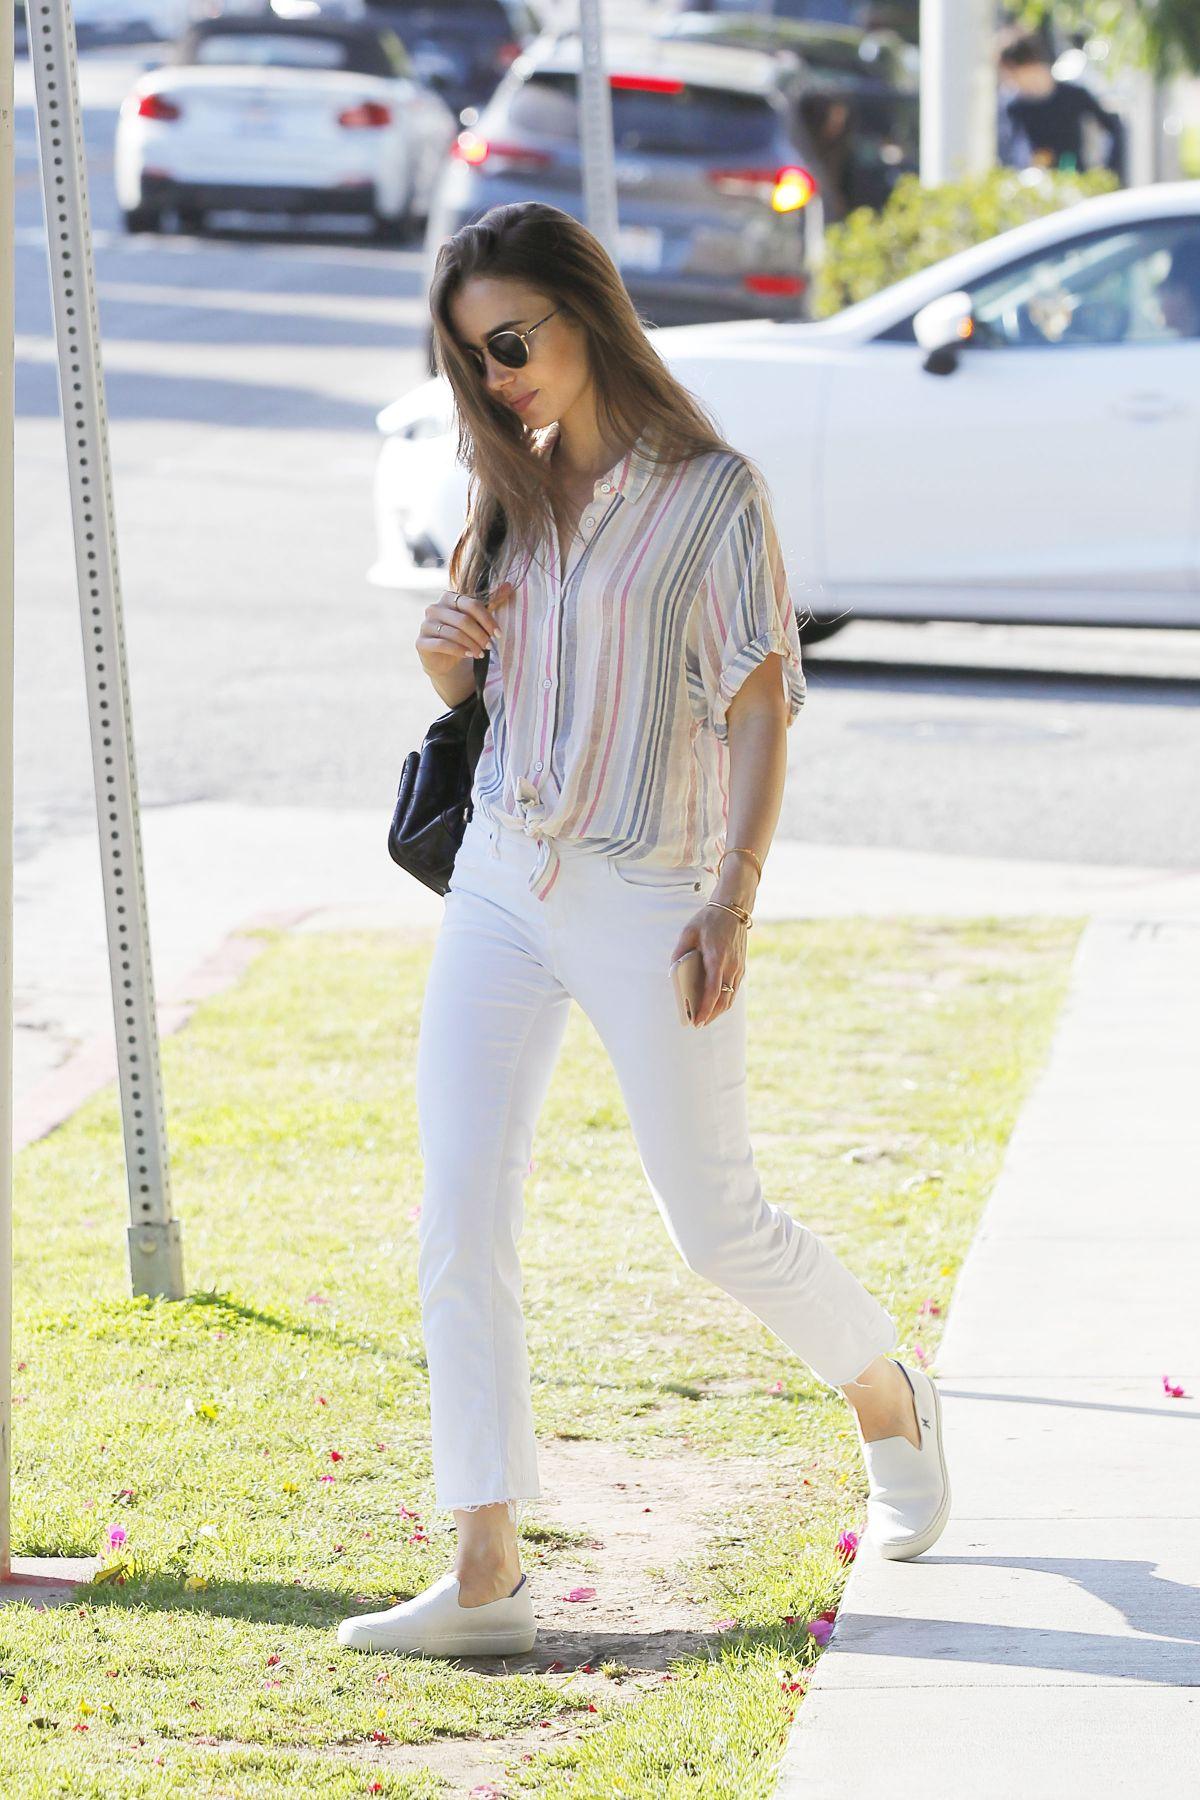 cách phối đồ đơn giản của lily collins với jeans trắng và áo sơ mi kẻ